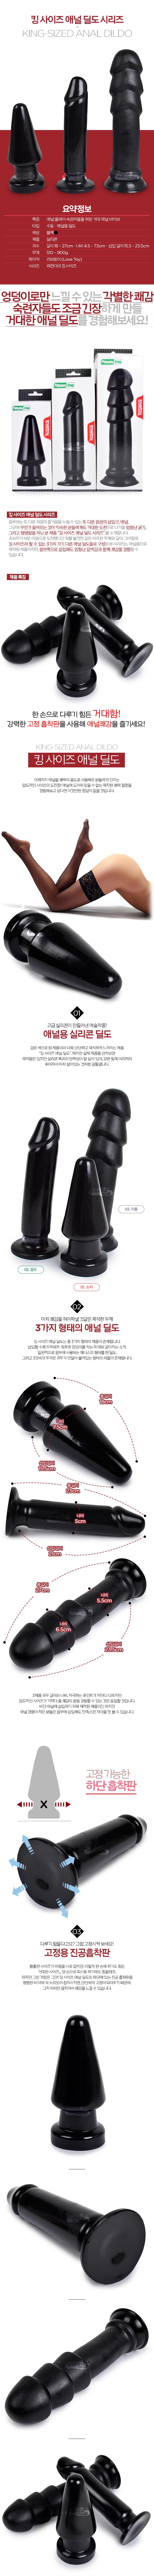 [안전 소재] 킹 사이즈 애널 딜도 시리즈(King-Sized Anal Dildo Series) - 러브토이(LV2241)